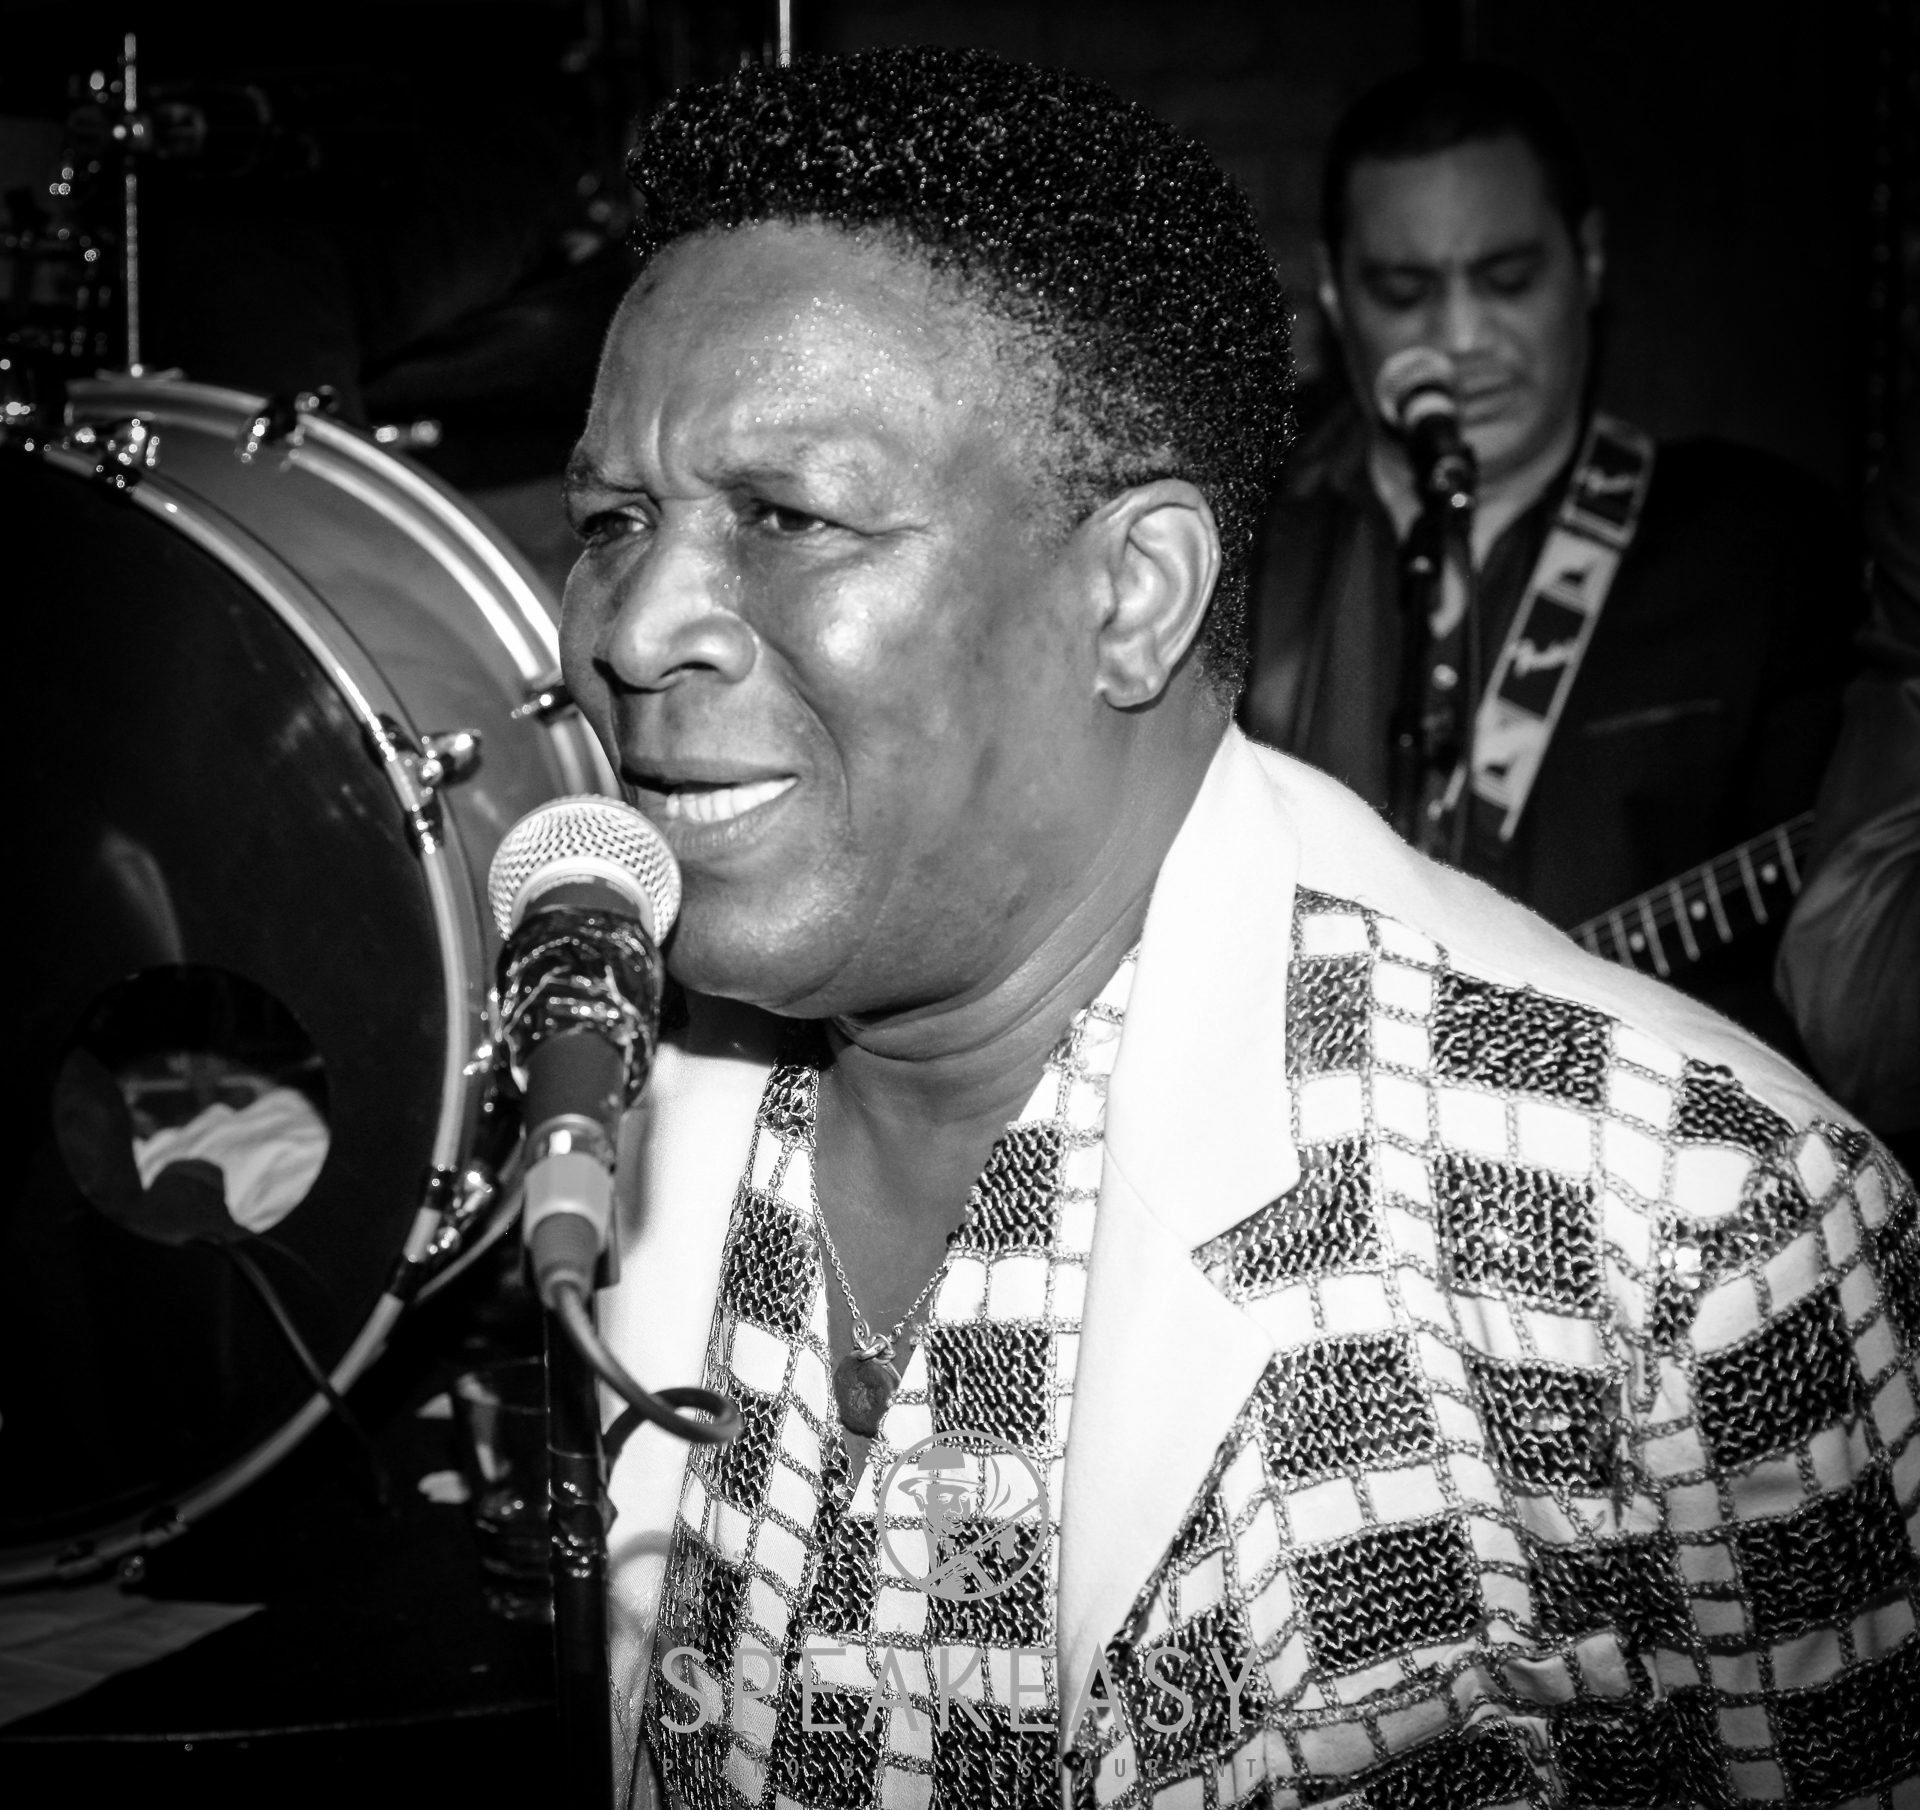 Allan Adote   Allan Adote est le roi de la soul and funk. Artiste intense et généreux, il se dépense sans limite sur scène.  Son répertoire va de l'histoire afro-américaine de Wilson Picket à Rufus Thomas, de la Tamla Motown à James Brown.  L'énergie inépuisable d'Allan Adote vous procurera l'envie de danser sur la piste !